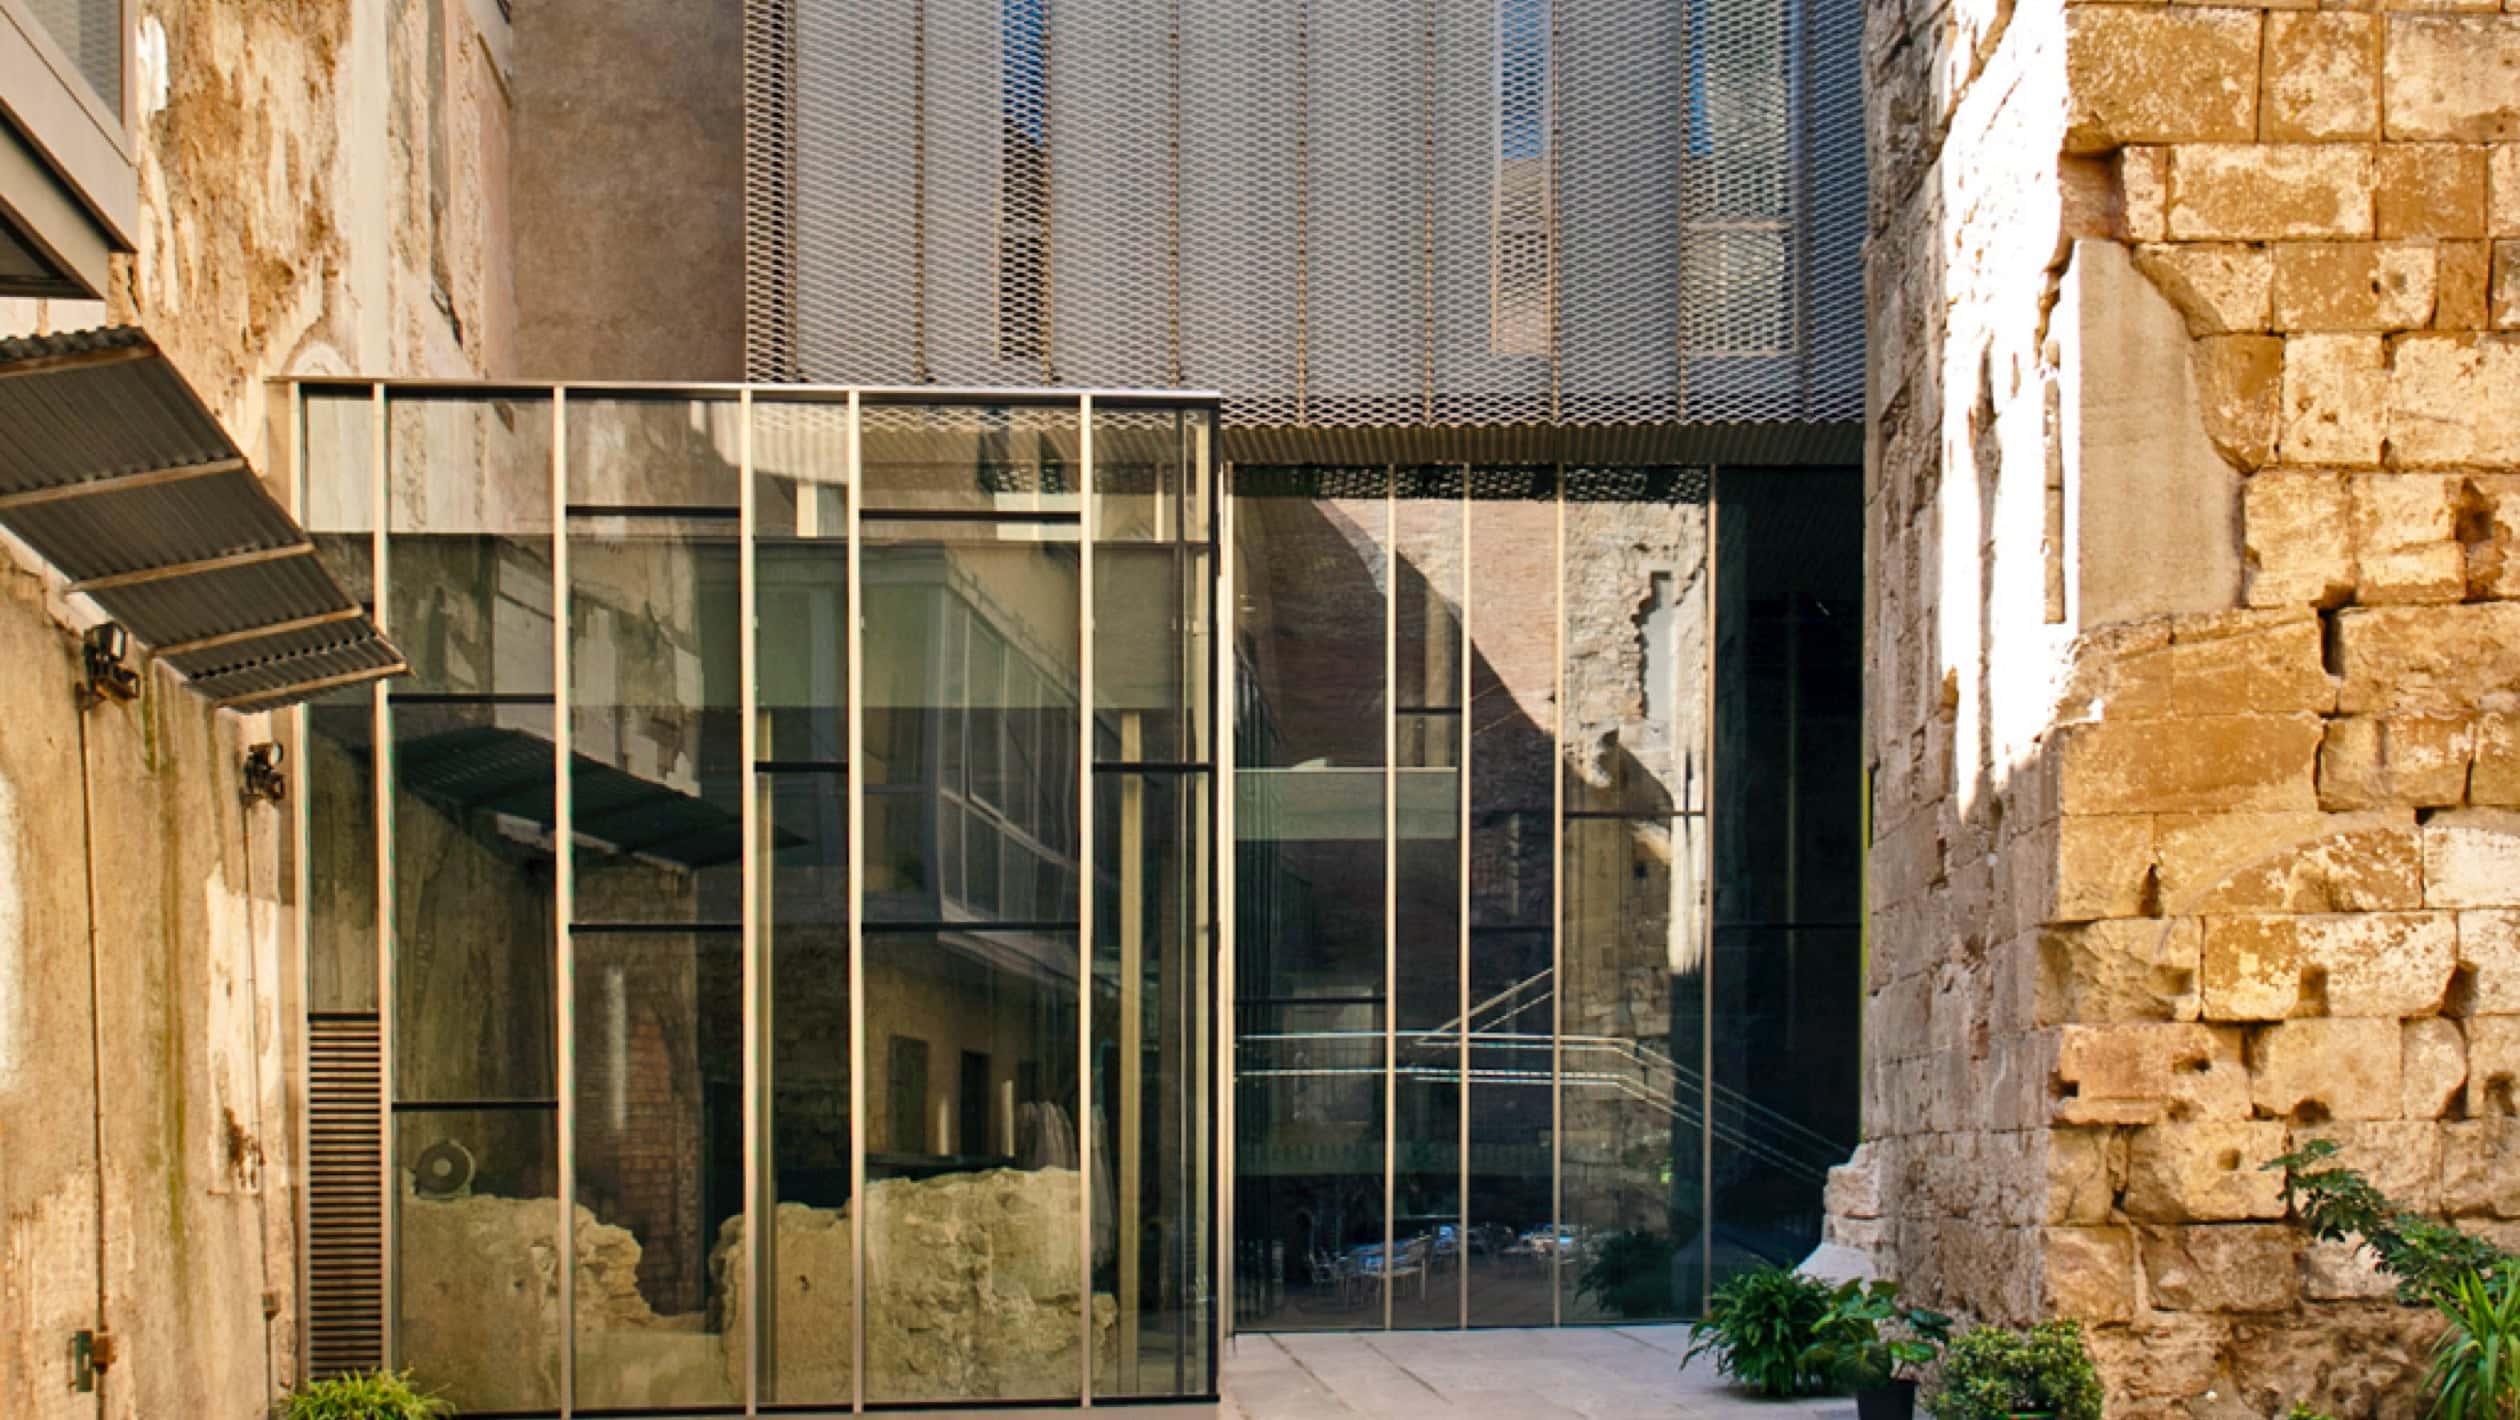 Centro Cívico Pati Llimona